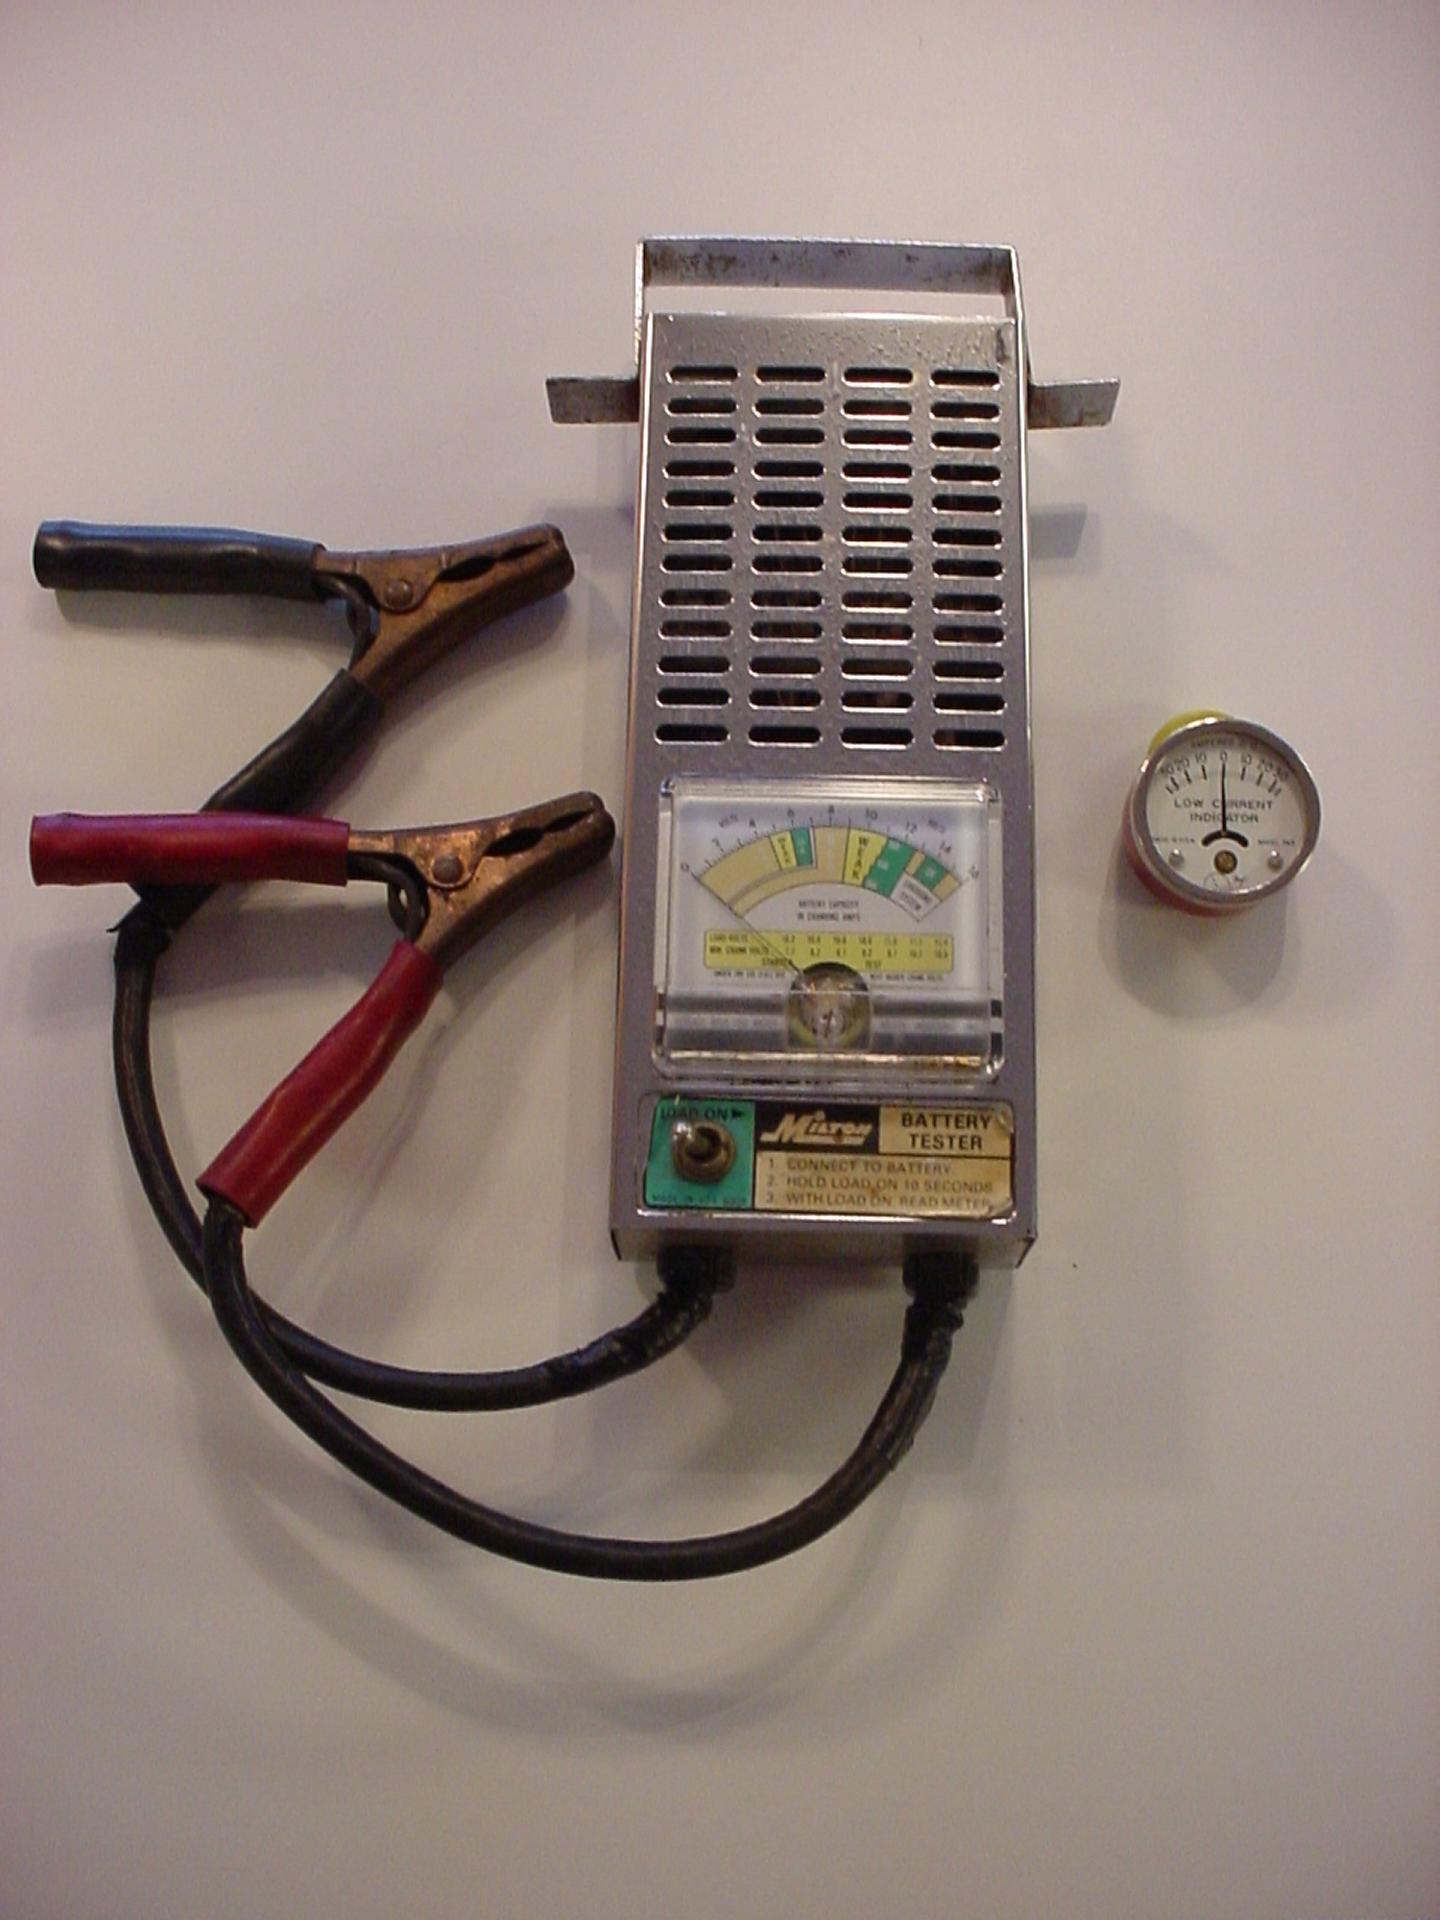 m1009 cucv wiring diagram cucv  cucv